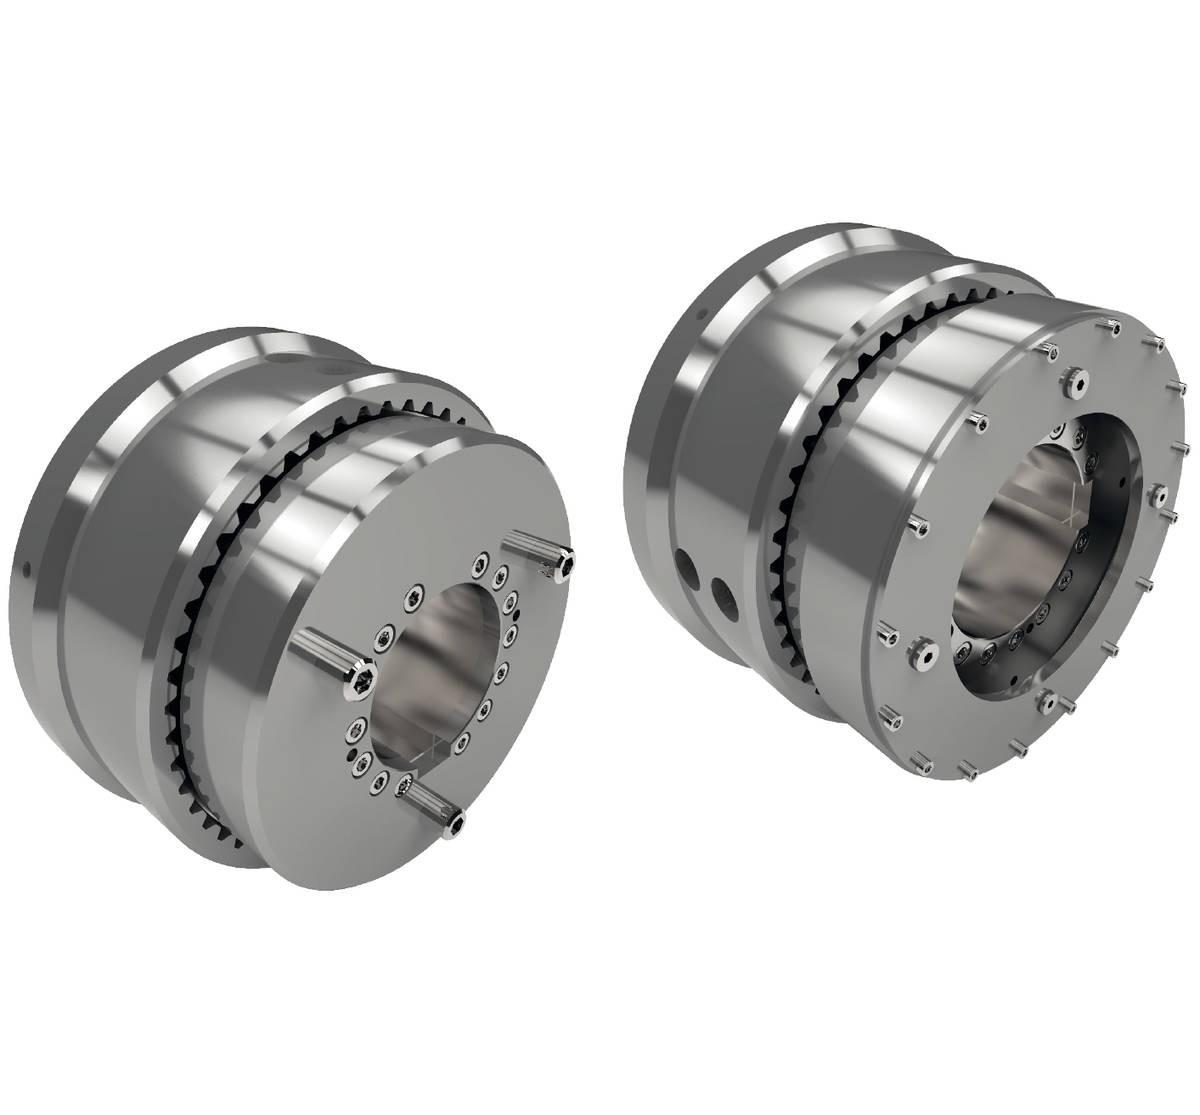 Desch Lutex® HK-E series  Wet-running Multi-disc Clutches Image